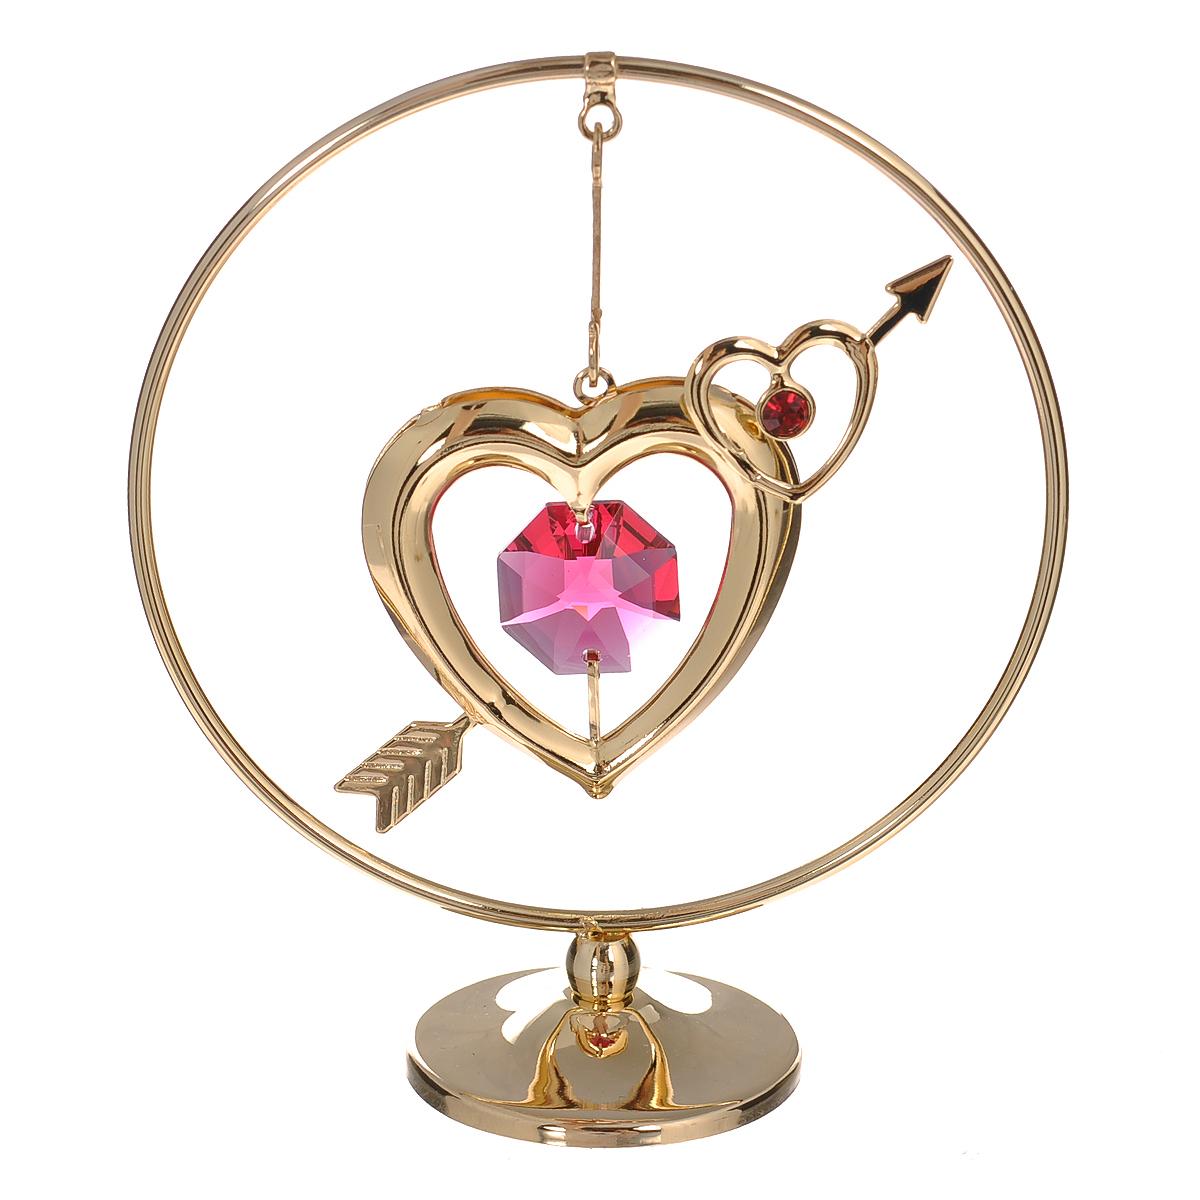 Фигурка декоративная Сердце на подвеске, цвет: золотистый. 6759667596Декоративная фигурка Сердце выполнена из углеродистой стали, покрытой золотом толщиной 0,05 микрон. Фигурка представляет собой круглый обруч с подвеской в виде сердечка. Фигурка украшена крупным граненым кристаллом Swarovski розового цвета. Поставьте фигурку на стол в офисе или дома и наслаждайтесь изящными формами и блеском кристаллов.Изысканный и эффектный, этот сувенир покорит своей красотой и изумительным качеством исполнения, а также станет замечательным подарком. Характеристики:Материал: углеродистая сталь, кристаллы Swarovski. Размер фигурки (ДхШхВ): 7 см х 3 см х 8 см. Цвет: золотистый. Размер упаковки: 7,5 см х 5 см х 10 см. Артикул: 67596.